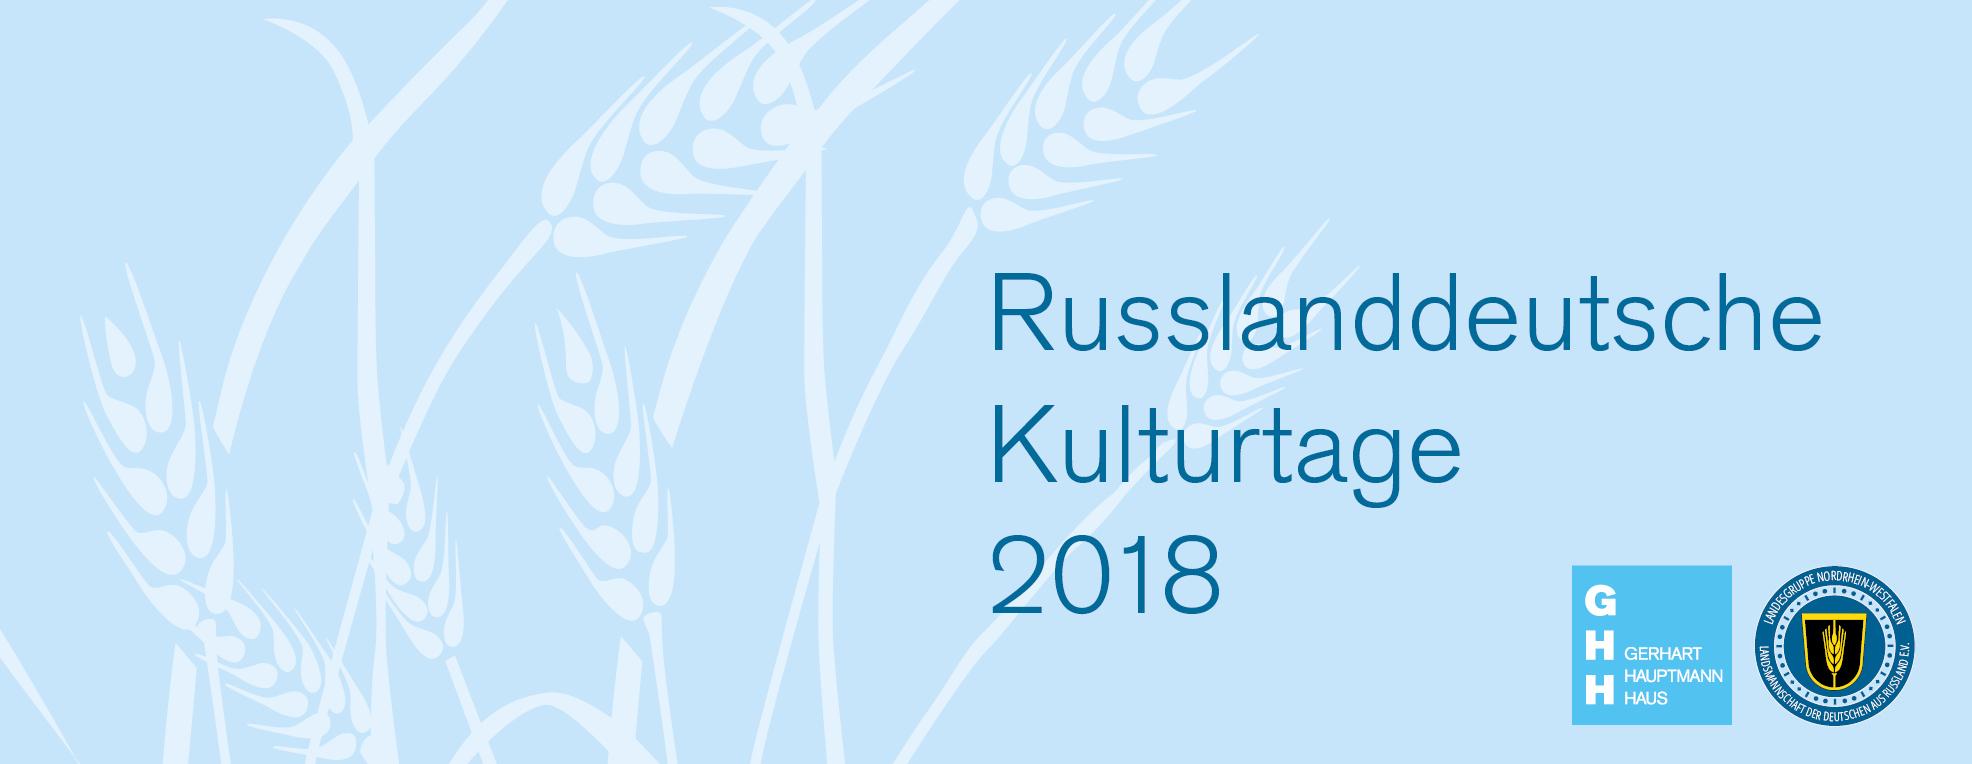 Russlanddeutsche Kulturtage 2018 Landsmannschaft der Deutschen aus Russland LmDR Nordrrhein Westfalen Stiftung Gerhart Hauptmann Haus